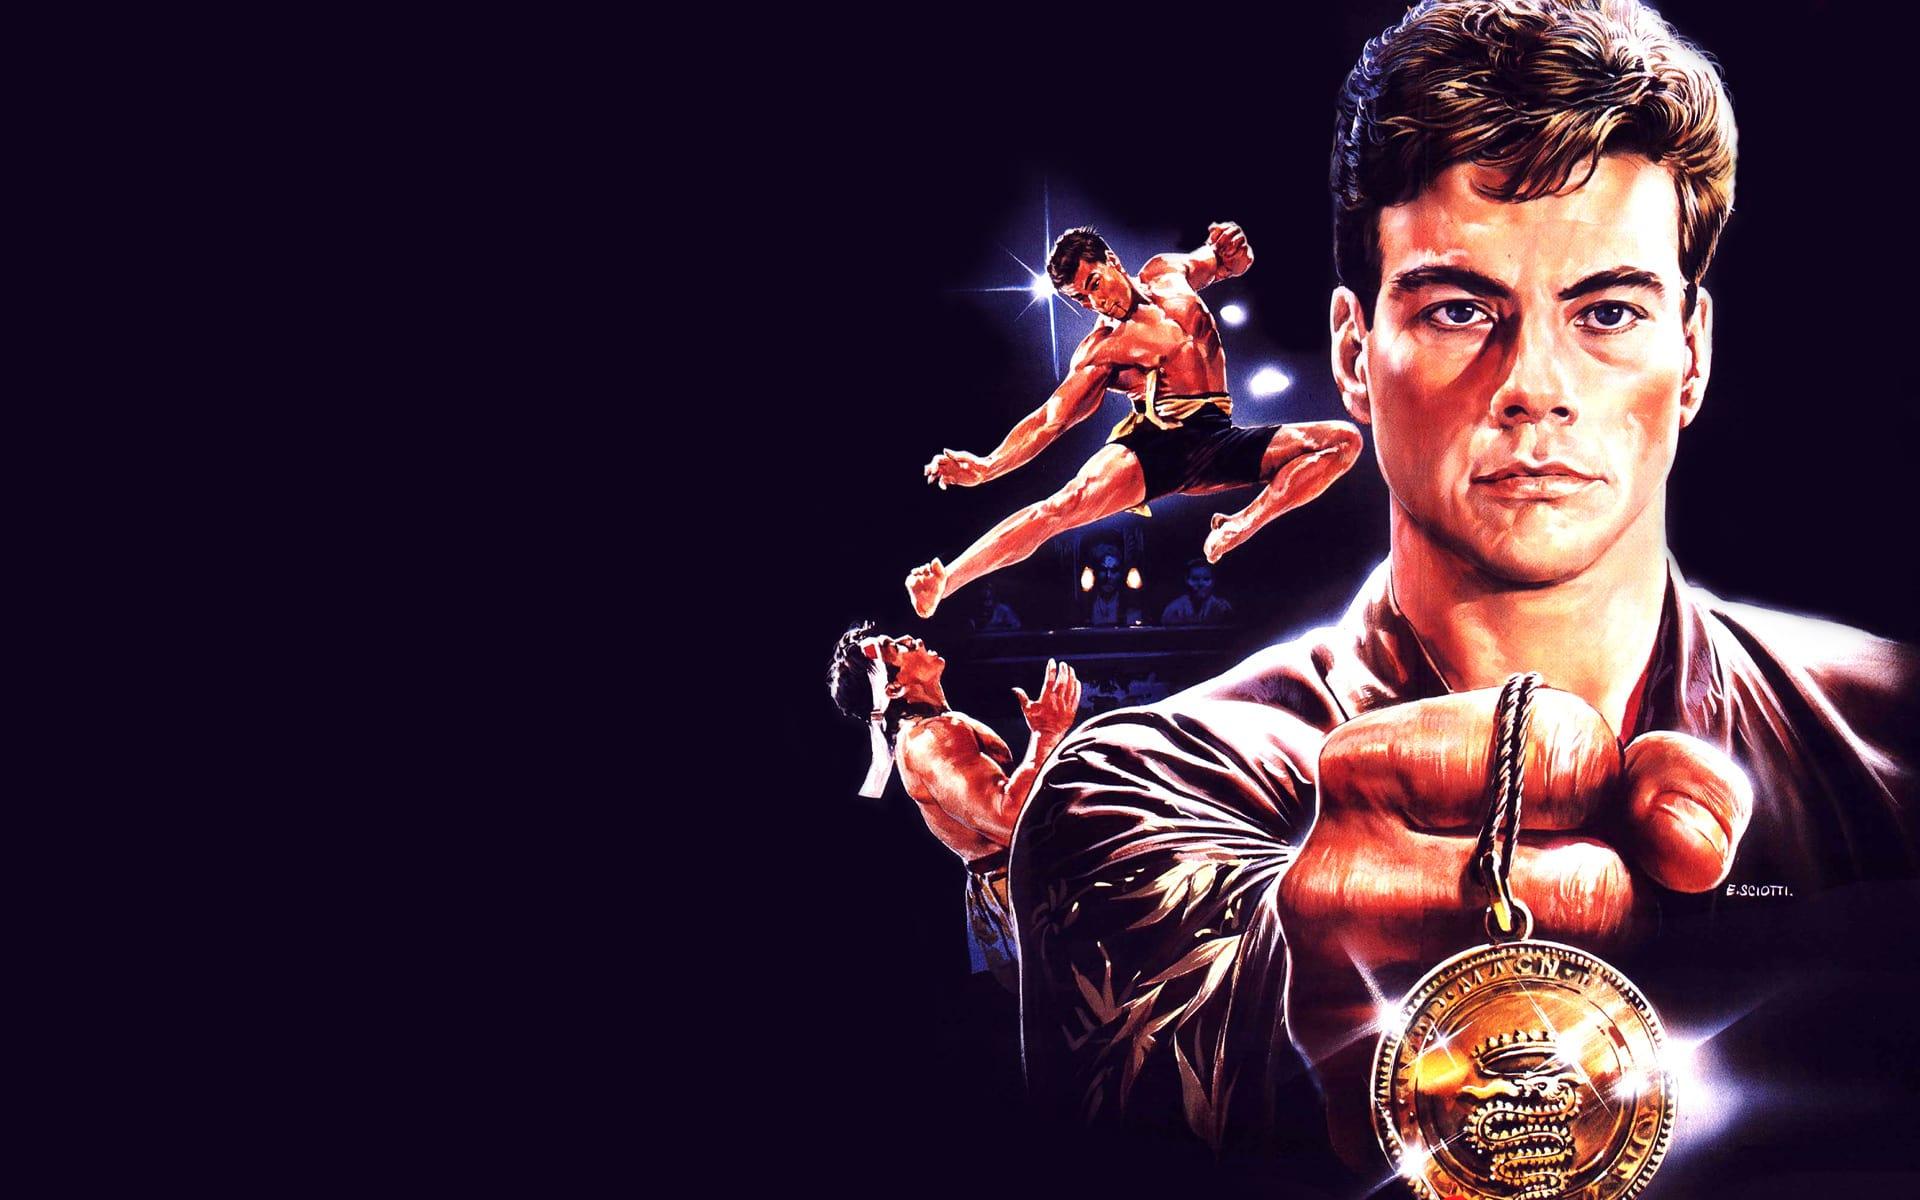 Jean Claude Van Damme Widescreen for desktop